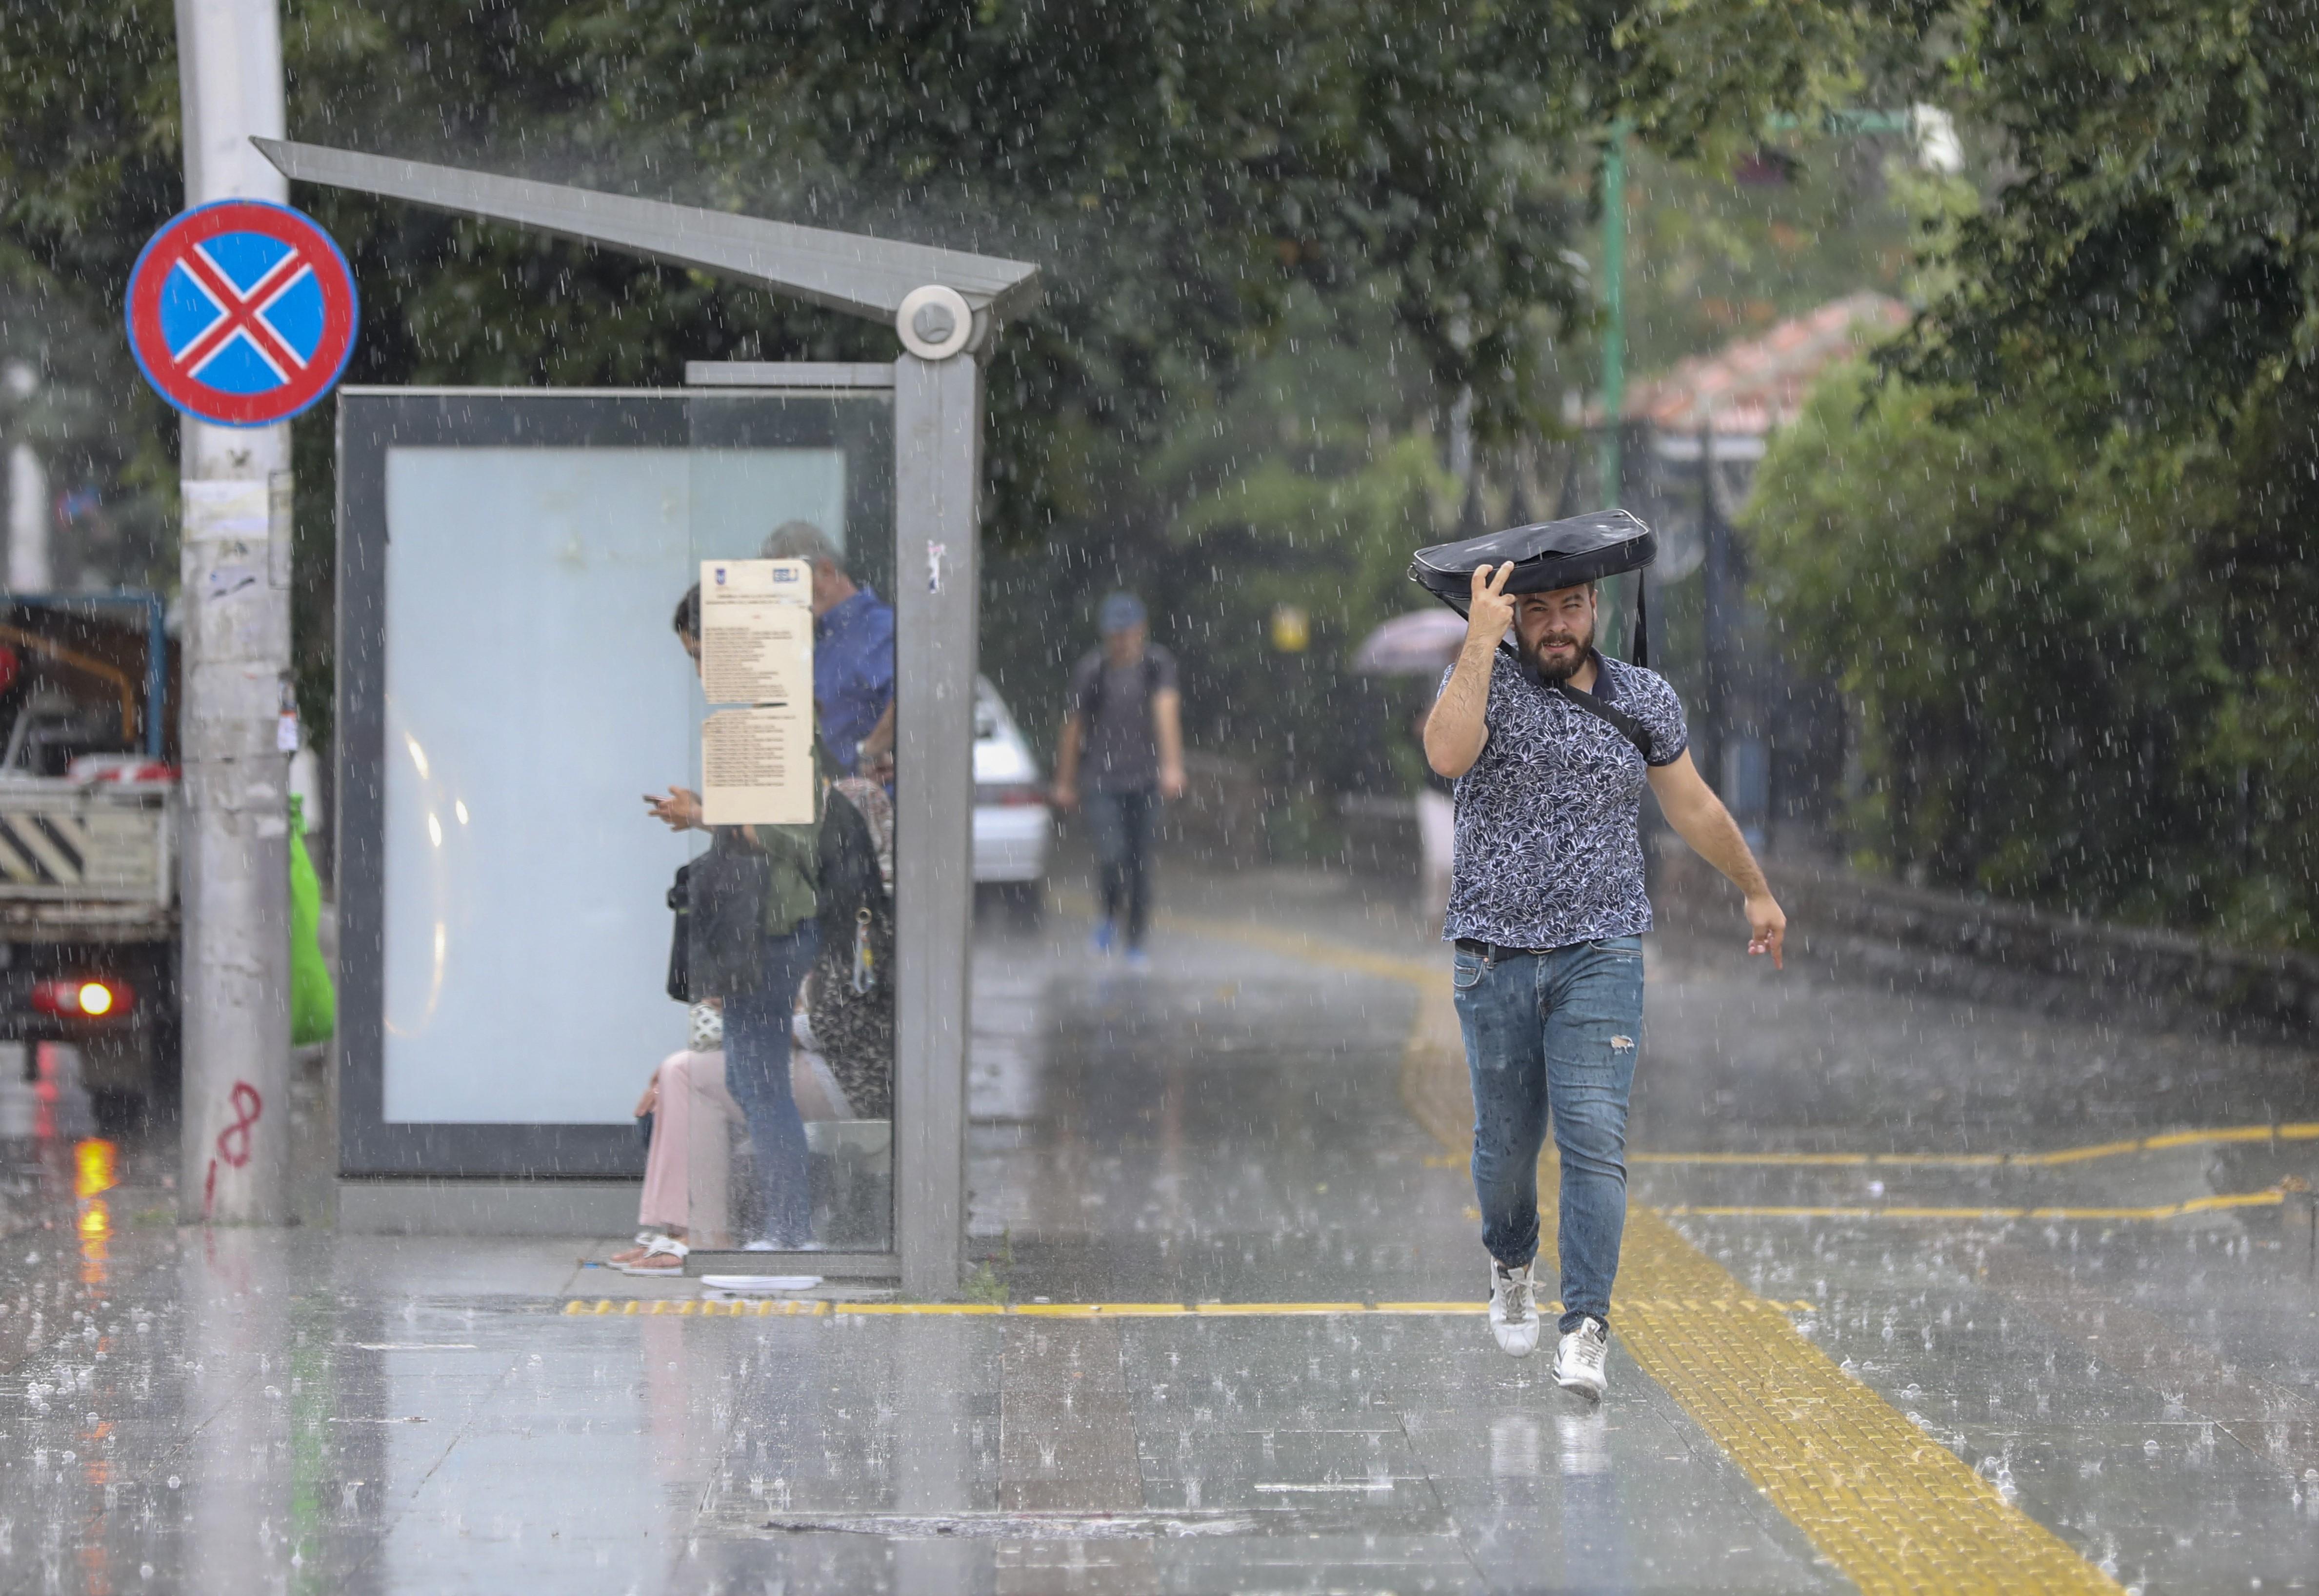 Meteo #azi 7 iunie: Vremea se menţine instabilă în nordul, centrul şi estul ţării